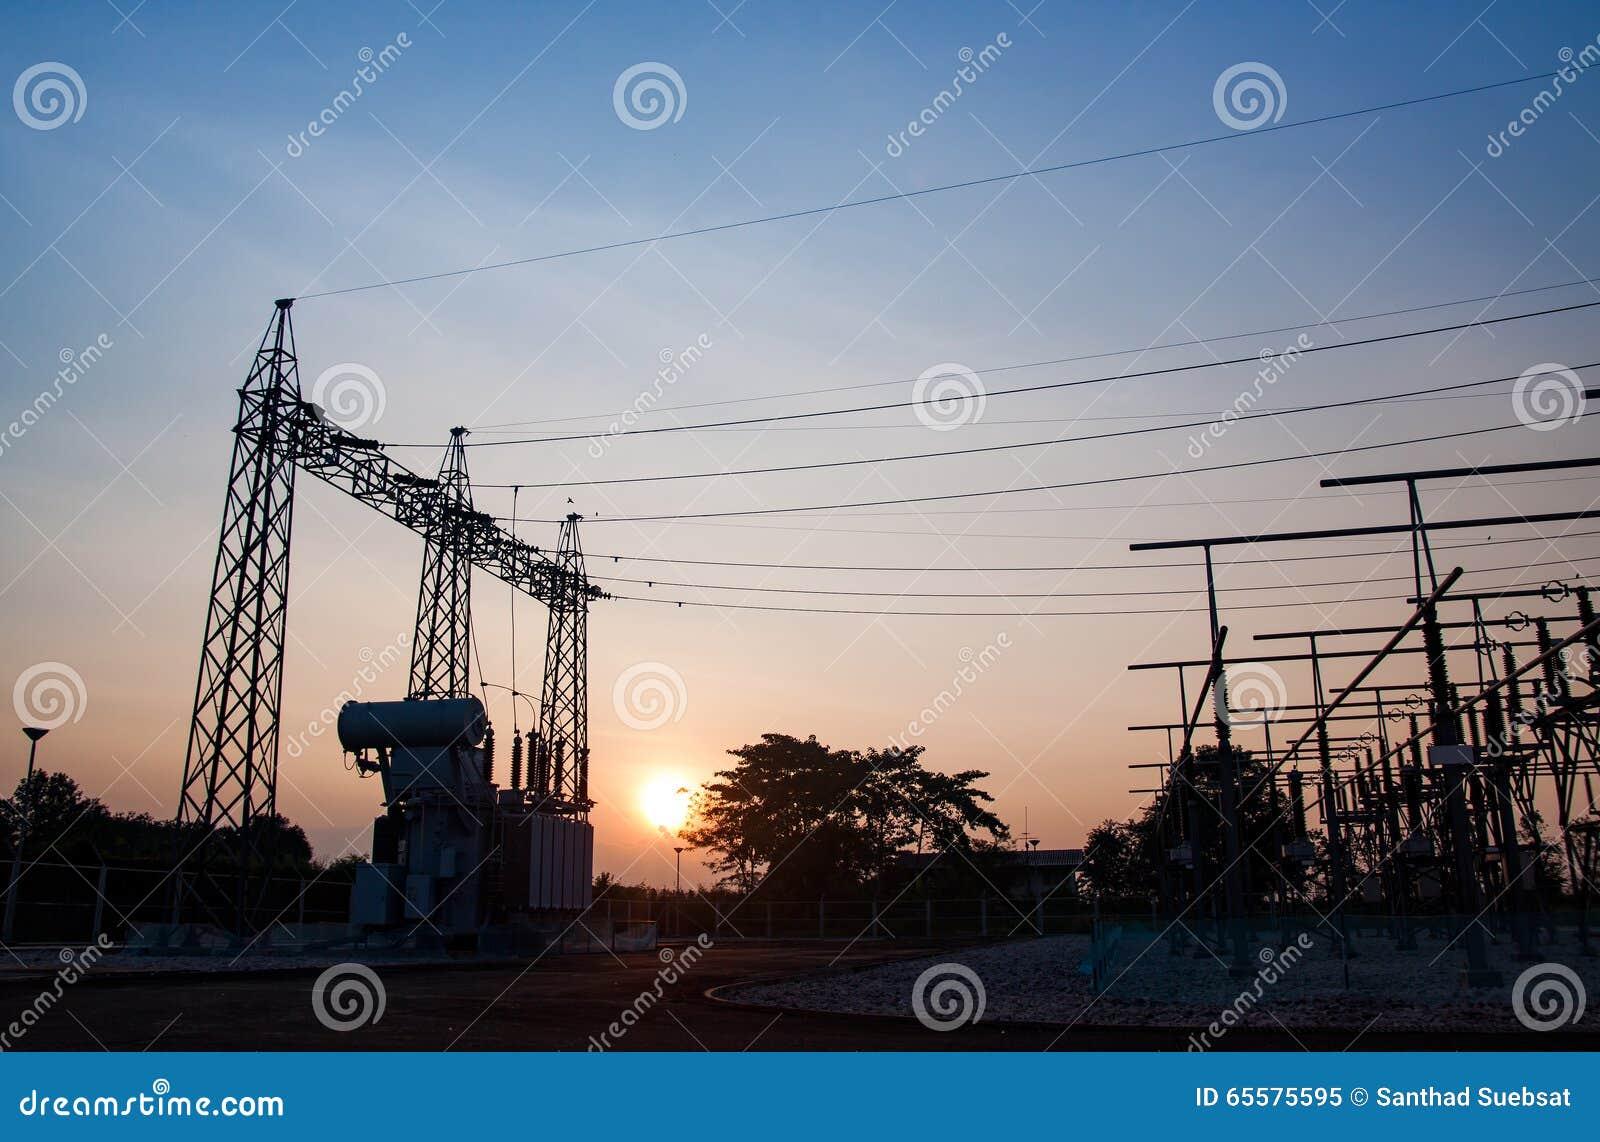 Disconexão de alta tensão do perigo da subestação do transformador